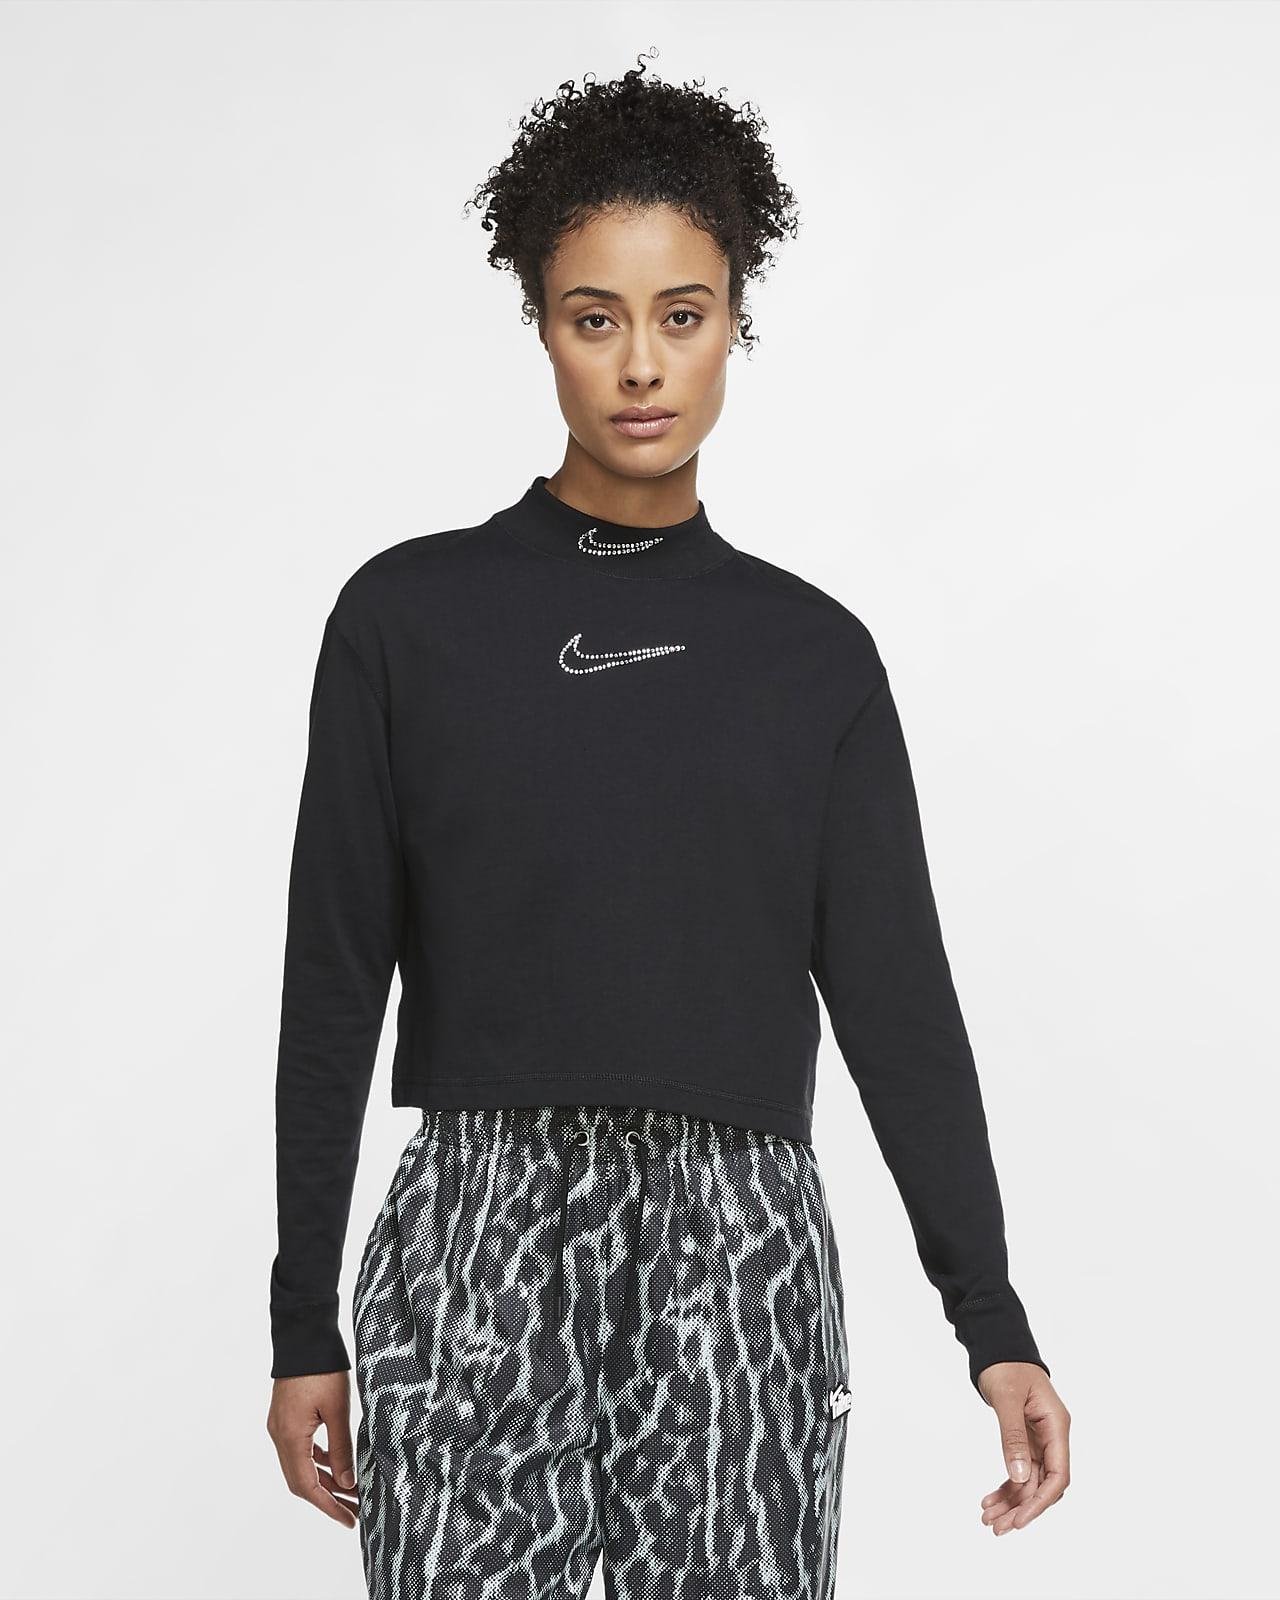 Nike Sportswear Rhinestone Women's Long-Sleeve Cropped T-Shirt